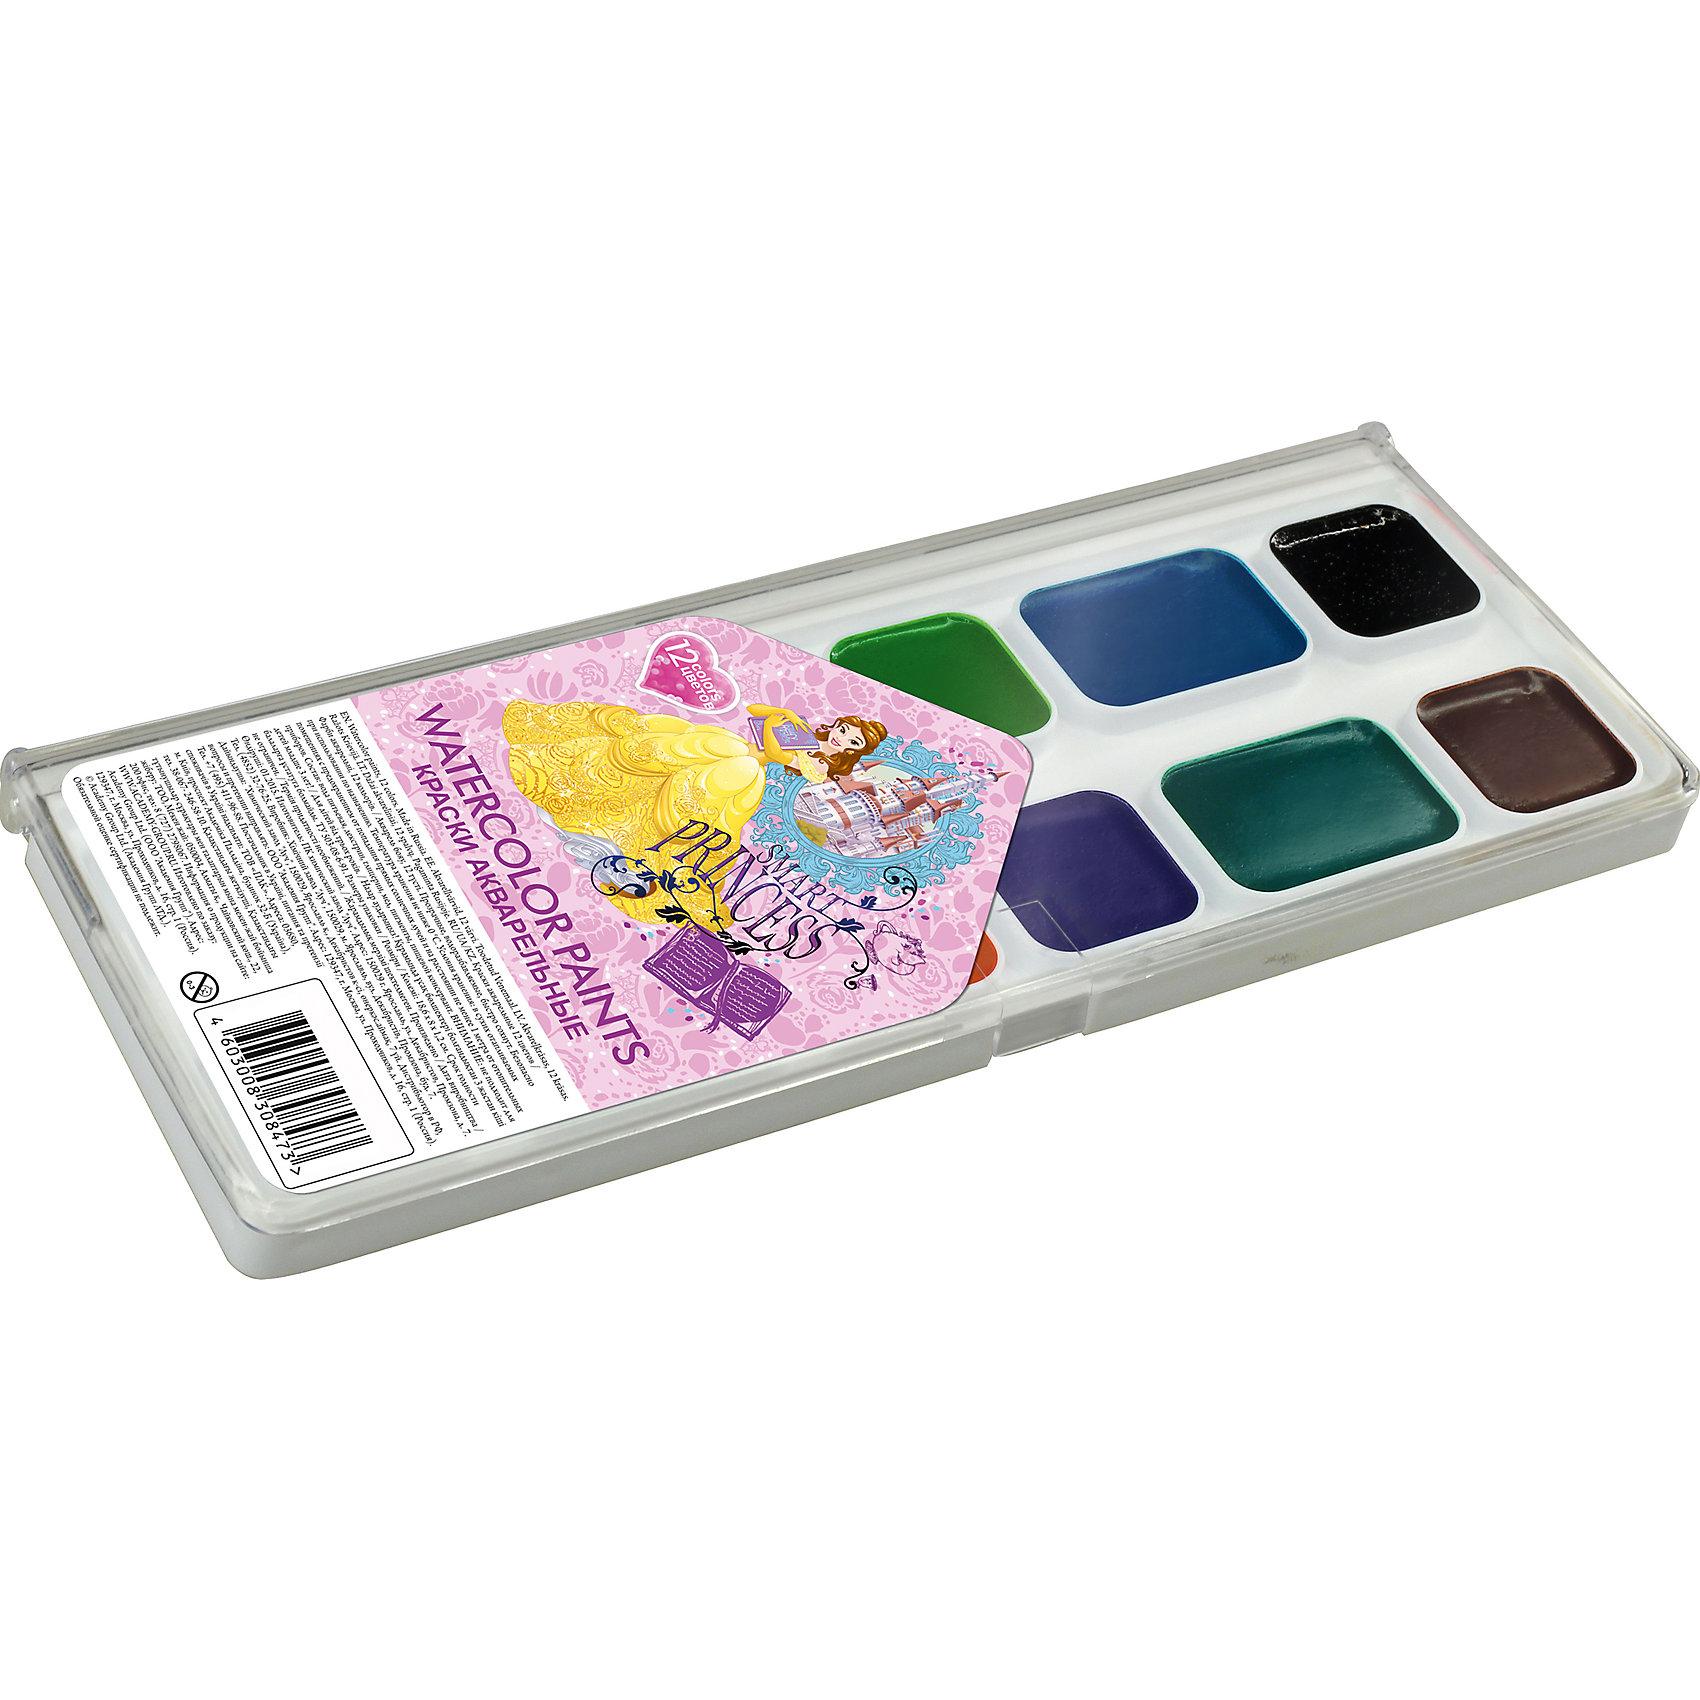 Акварельные краски, 12 цв, Принцессы ДиснейПринцессы Дисней<br>Акварельные краски, Принцессы Дисней, хорошо подойдут как для школьных занятий так и для детского творчества в свободное время. В наборе 12 акварельных медовых красок, упакованных в пластиковую коробочку-палитру с изображением волшебных принцесс из популярных<br>диснеевских мультфильмов. Краски легко размываются, создавая прозрачный цветной слой, легко смешиваются между собой, не крошатся и не смазываются, быстро сохнут. <br><br><br>Дополнительная информация:<br><br>- В комплекте: 12 цветов.<br>- Размер упаковки: 15 х 1,2 х 8 см.<br>- Вес: 61 гр.<br><br>Акварельные краски, 12 цв., Принцессы Дисней, можно купить в нашем интернет-магазине.<br><br>Ширина мм: 80<br>Глубина мм: 150<br>Высота мм: 12<br>Вес г: 61<br>Возраст от месяцев: 60<br>Возраст до месяцев: 84<br>Пол: Женский<br>Возраст: Детский<br>SKU: 4681131